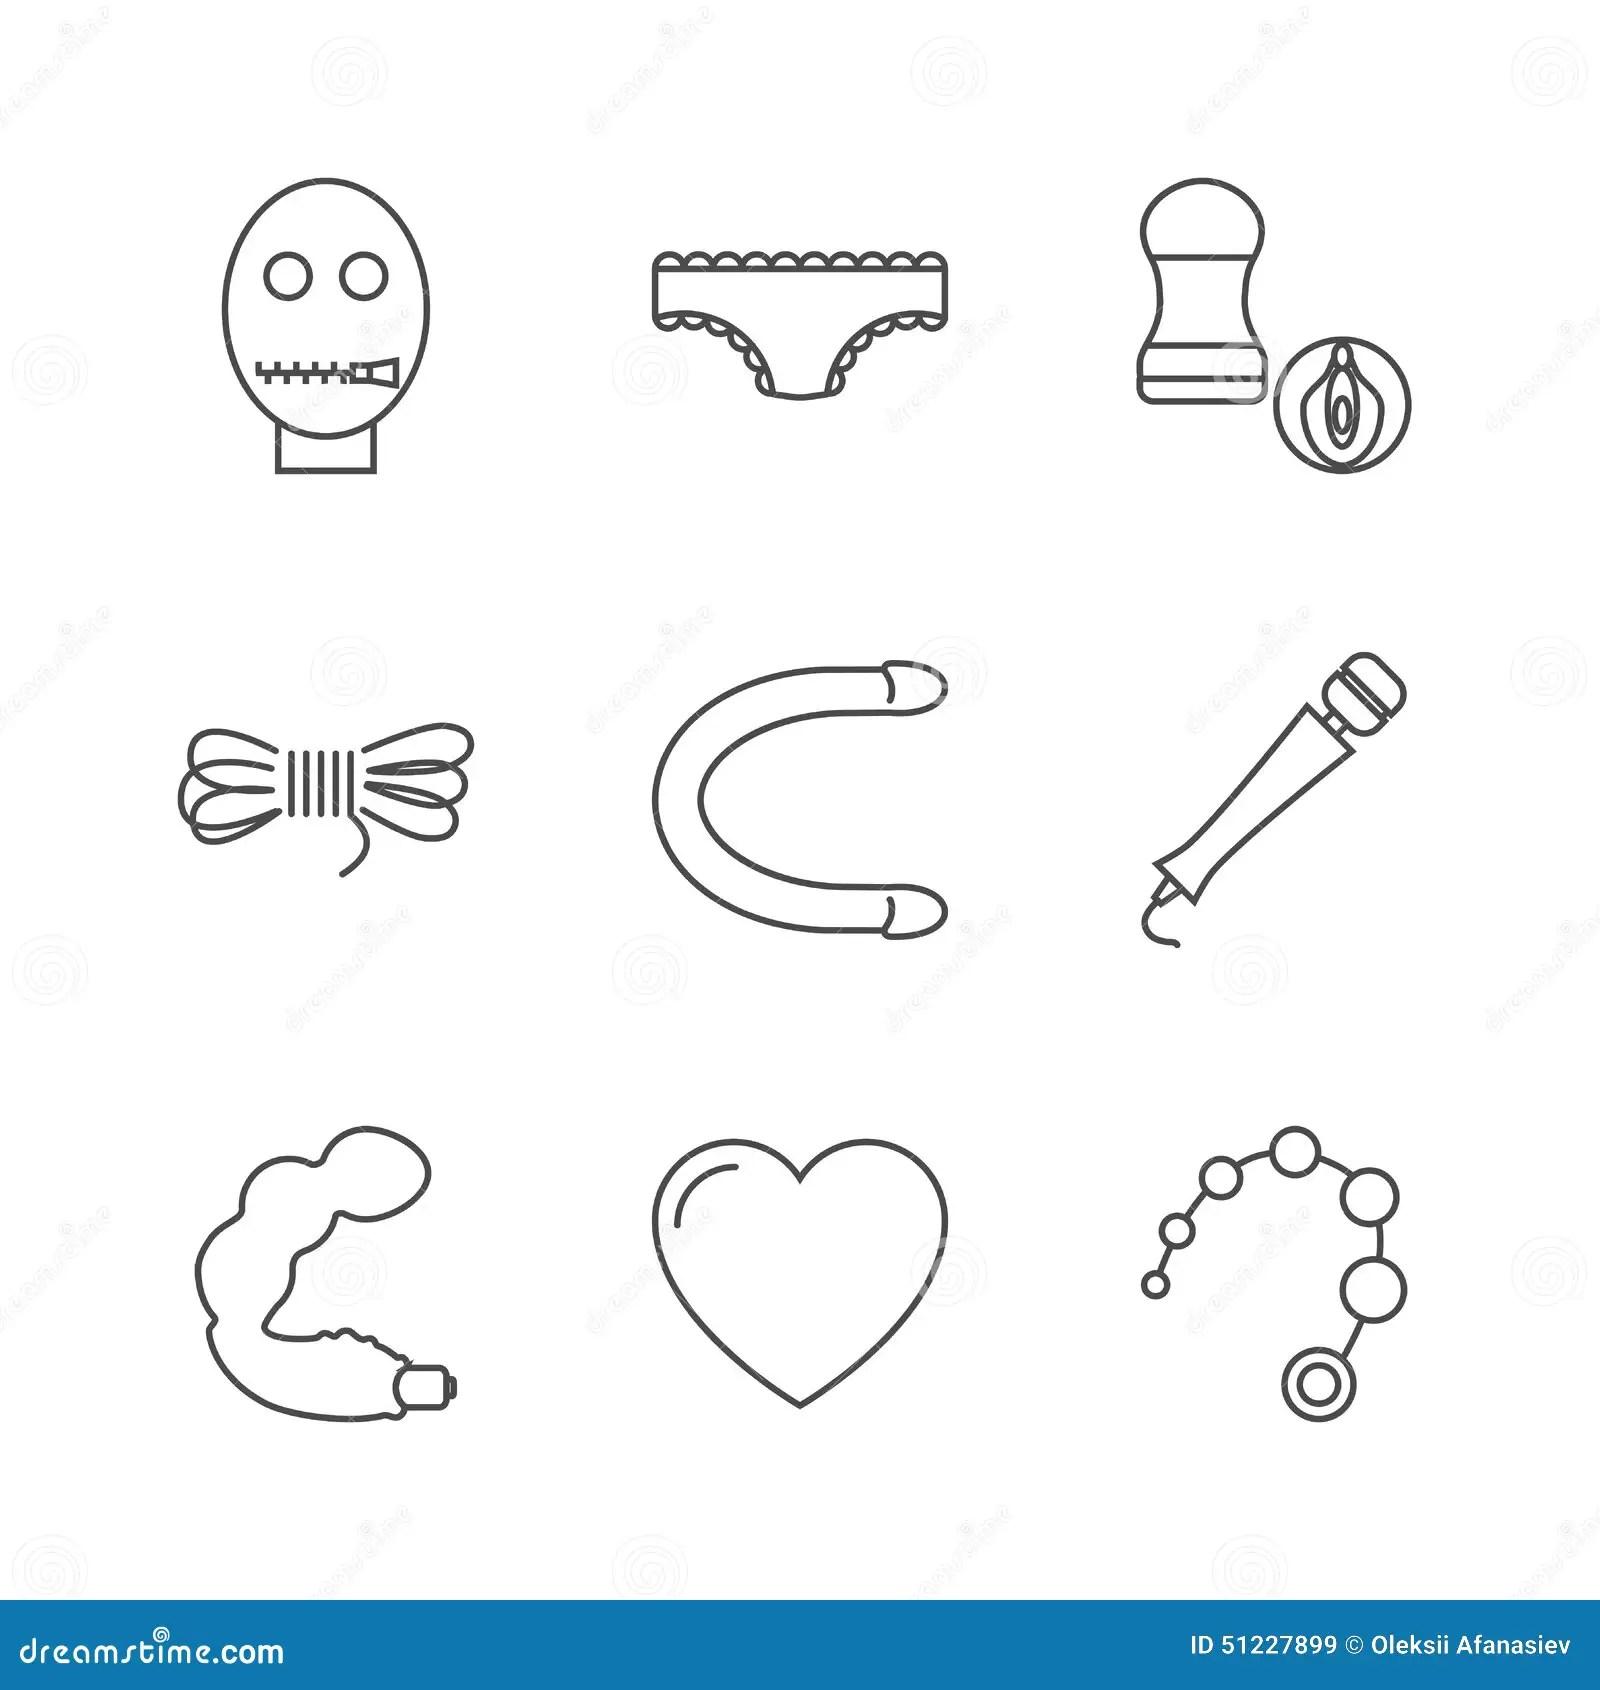 Icone del sexshop illustrazione vettoriale. Illustrazione